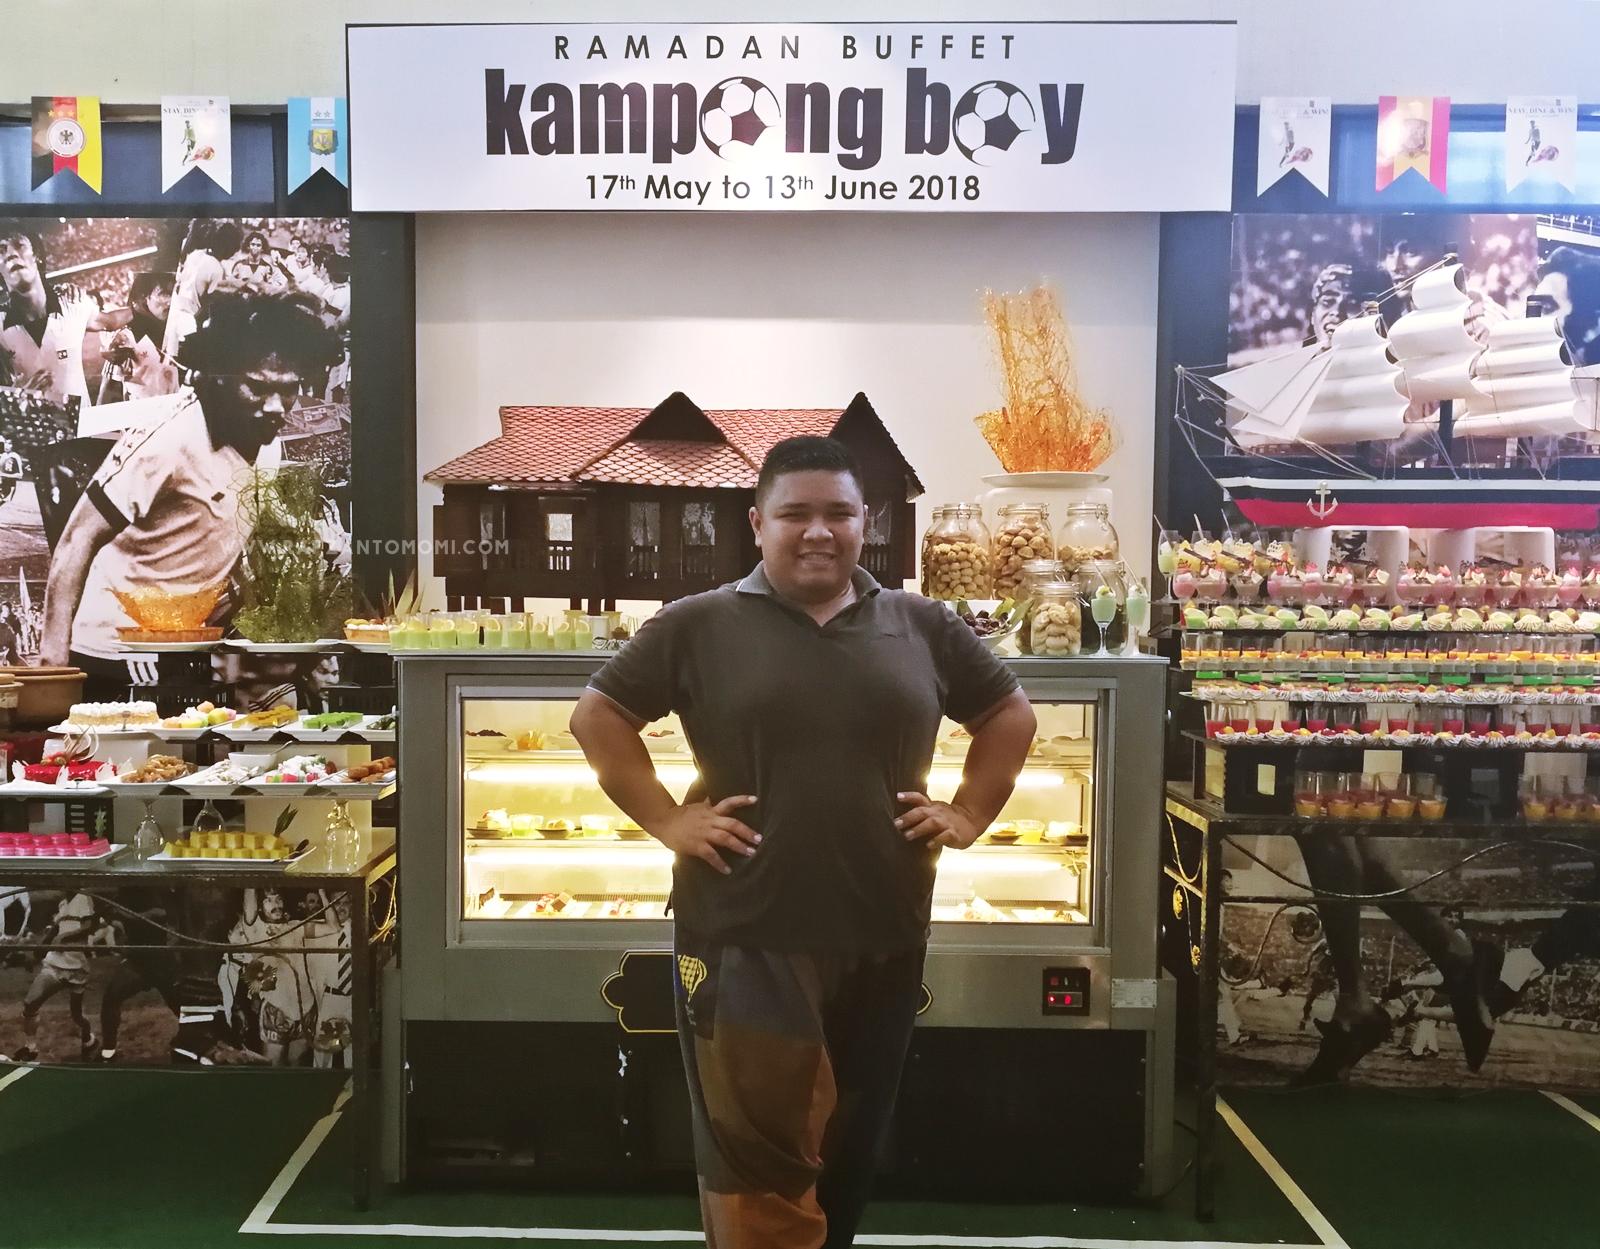 """Buffet Ramadhan 2018 - Buka Puasa Bertemakan """"Kampung Boy"""" Di AnCasa Hotel & Resort Kuala Lumpur"""